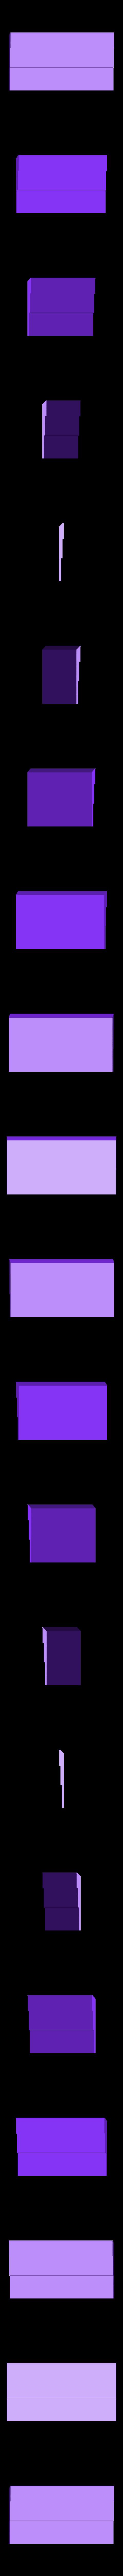 roof1_2.stl Télécharger fichier STL gratuit Le moulin • Design pour imprimante 3D, Earsling